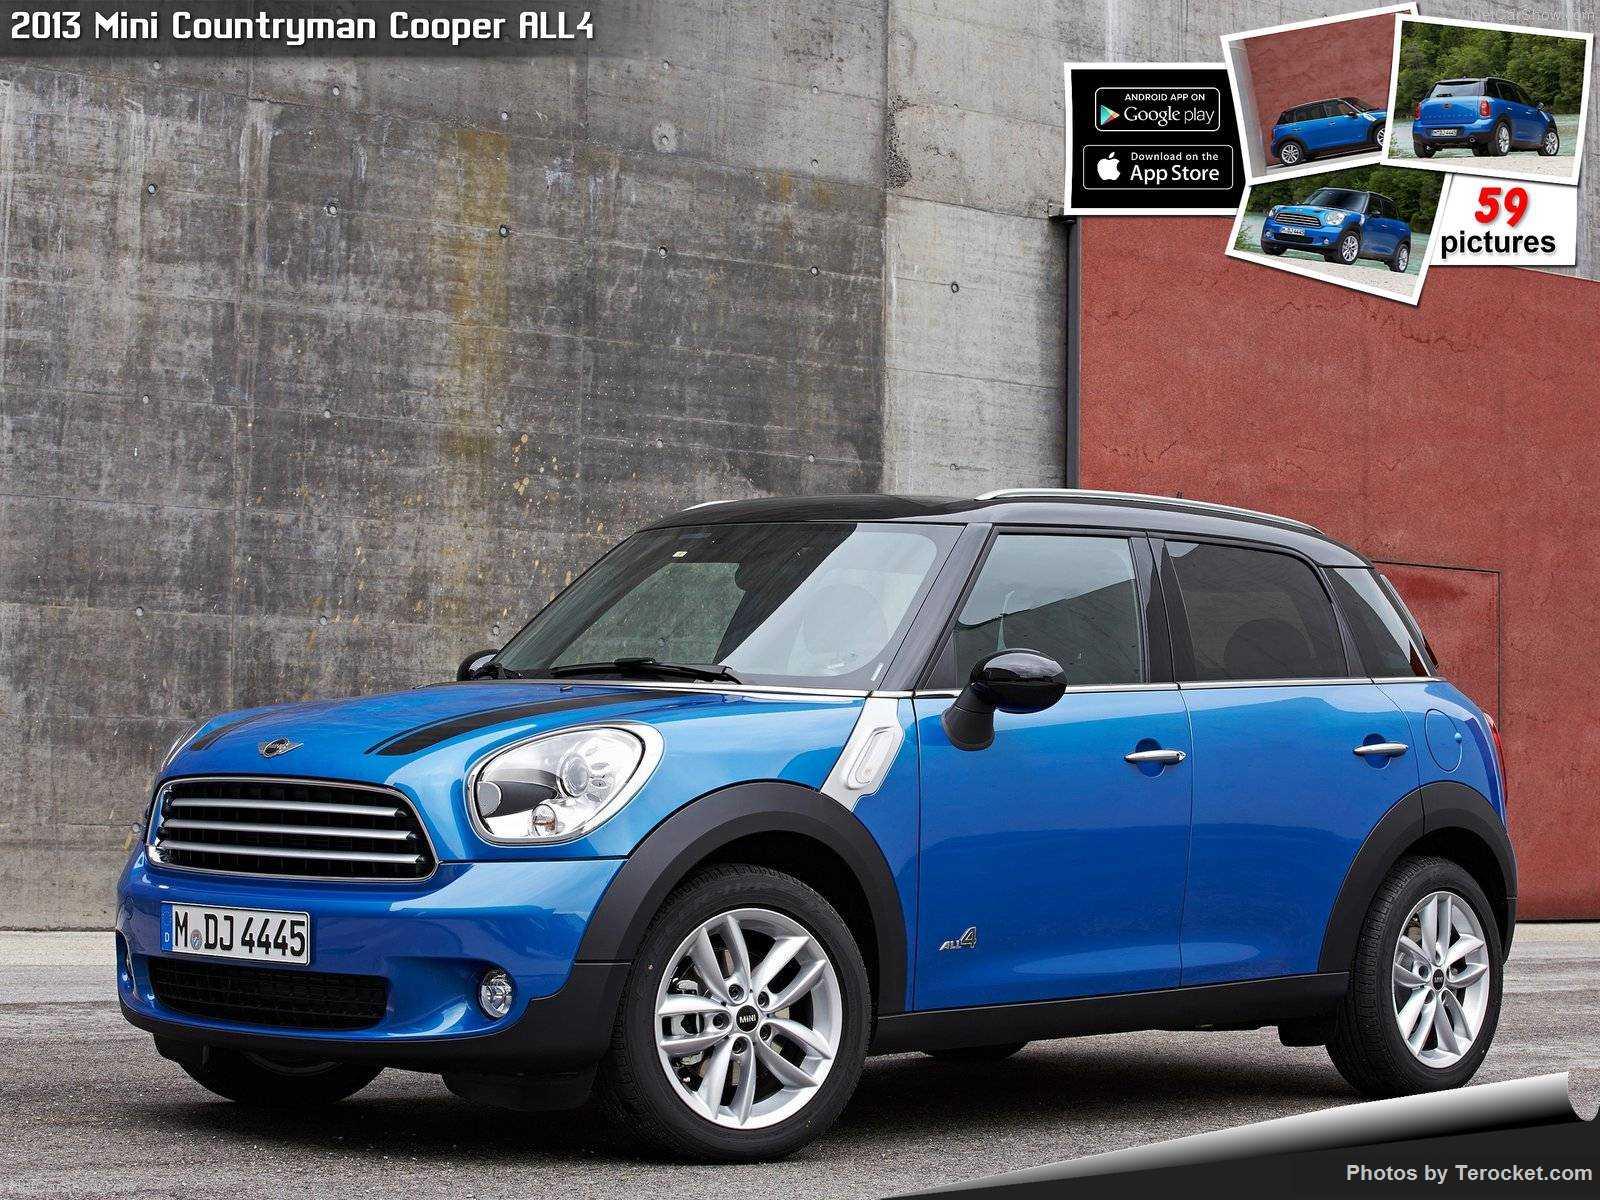 Hình ảnh xe ô tô Mini Countryman Cooper ALL4 2013 & nội ngoại thất